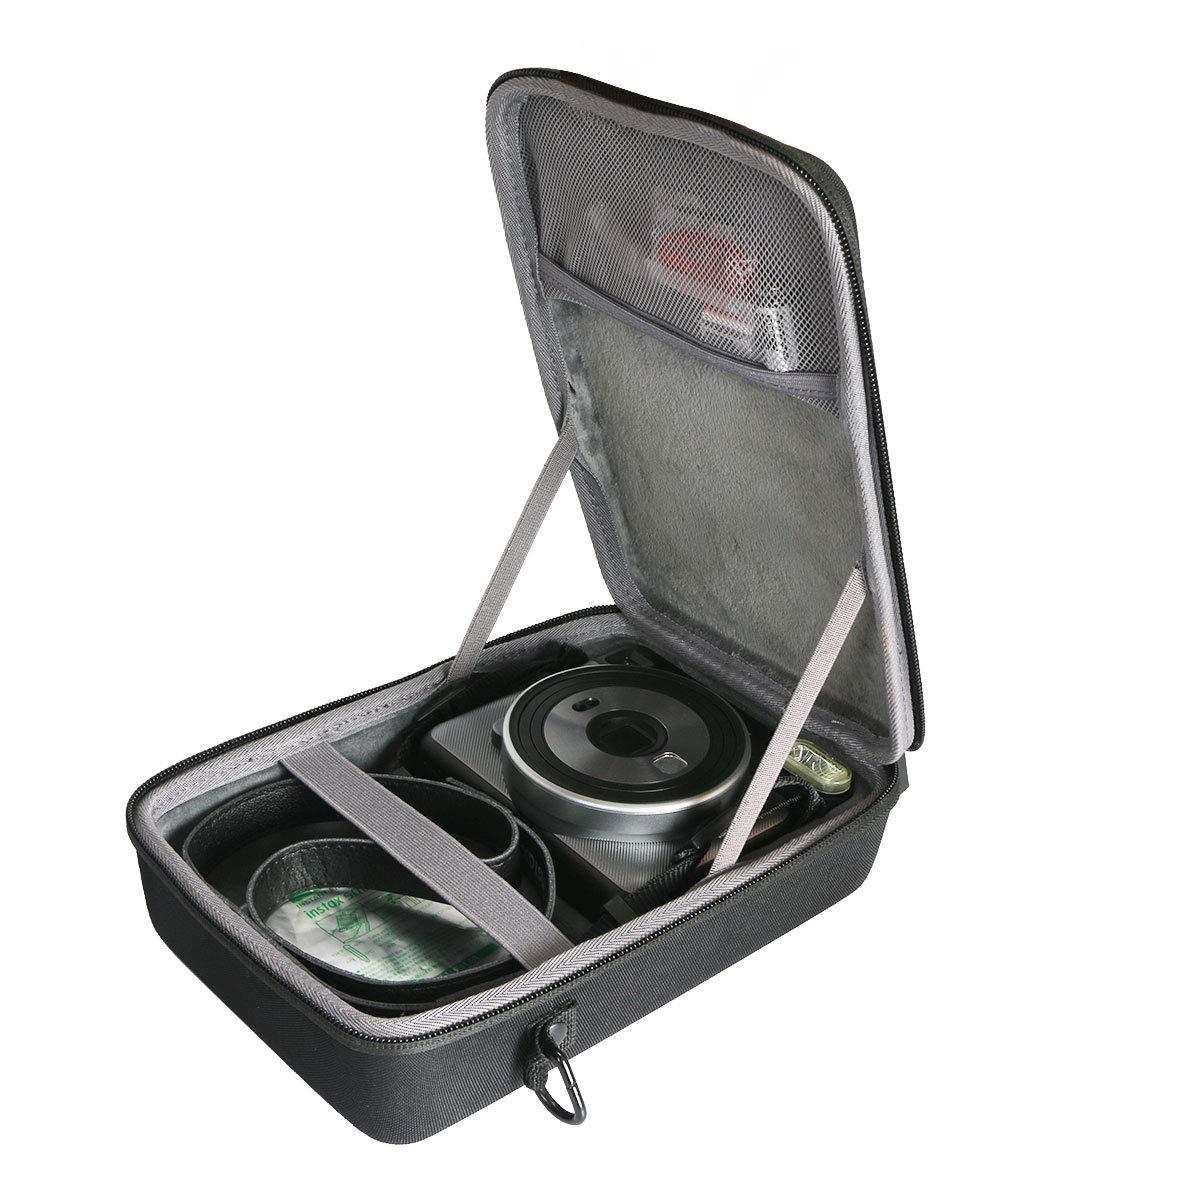 co2crea Hard Travel Case for Fujifilm Instax Square SQ6 Instant Film Camera